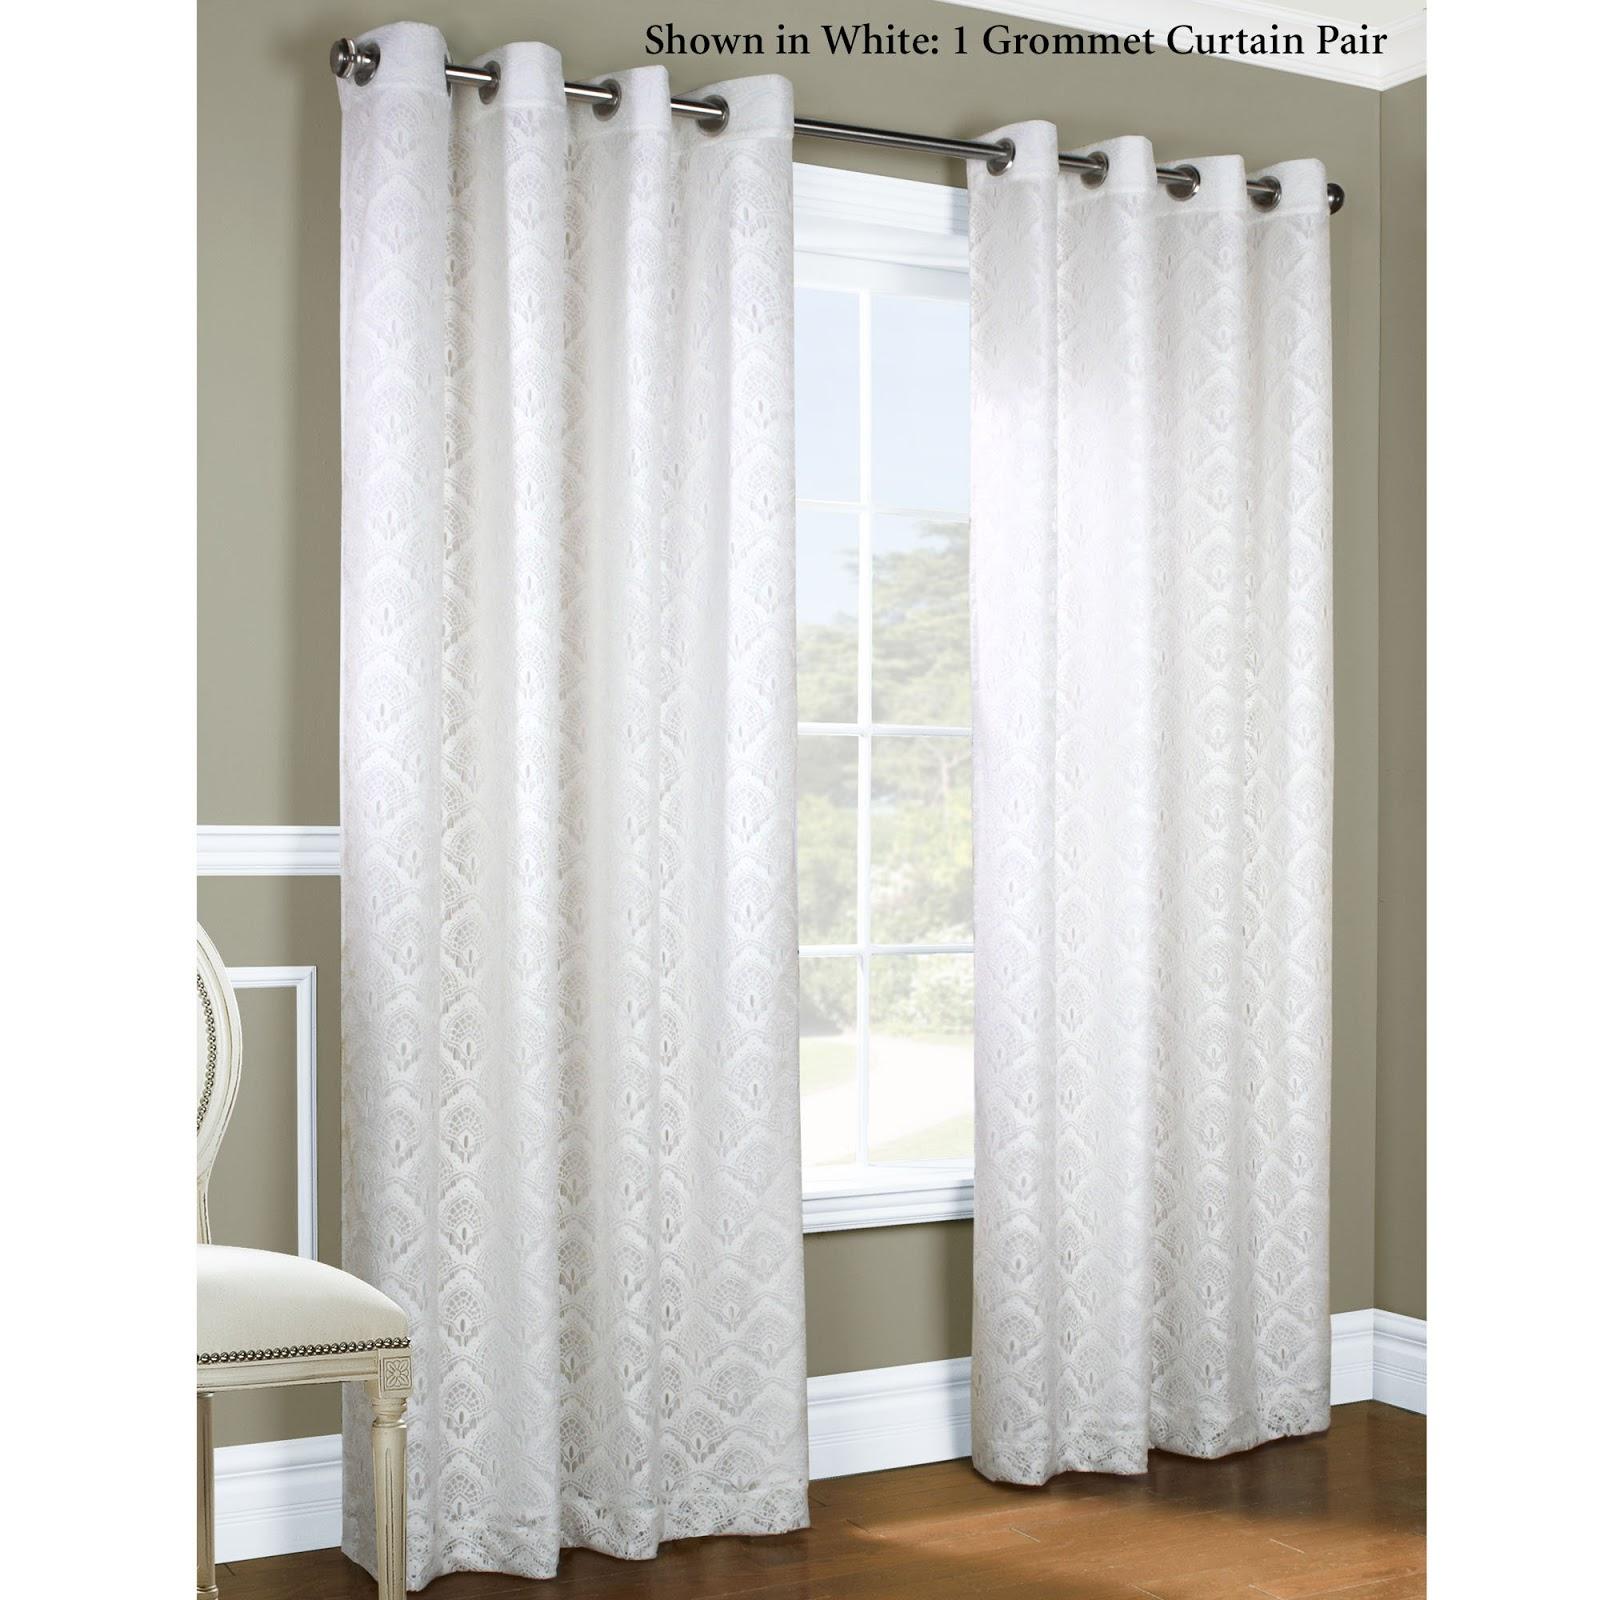 How To Curtain A Bay Window Windows Rod Curtains Darken